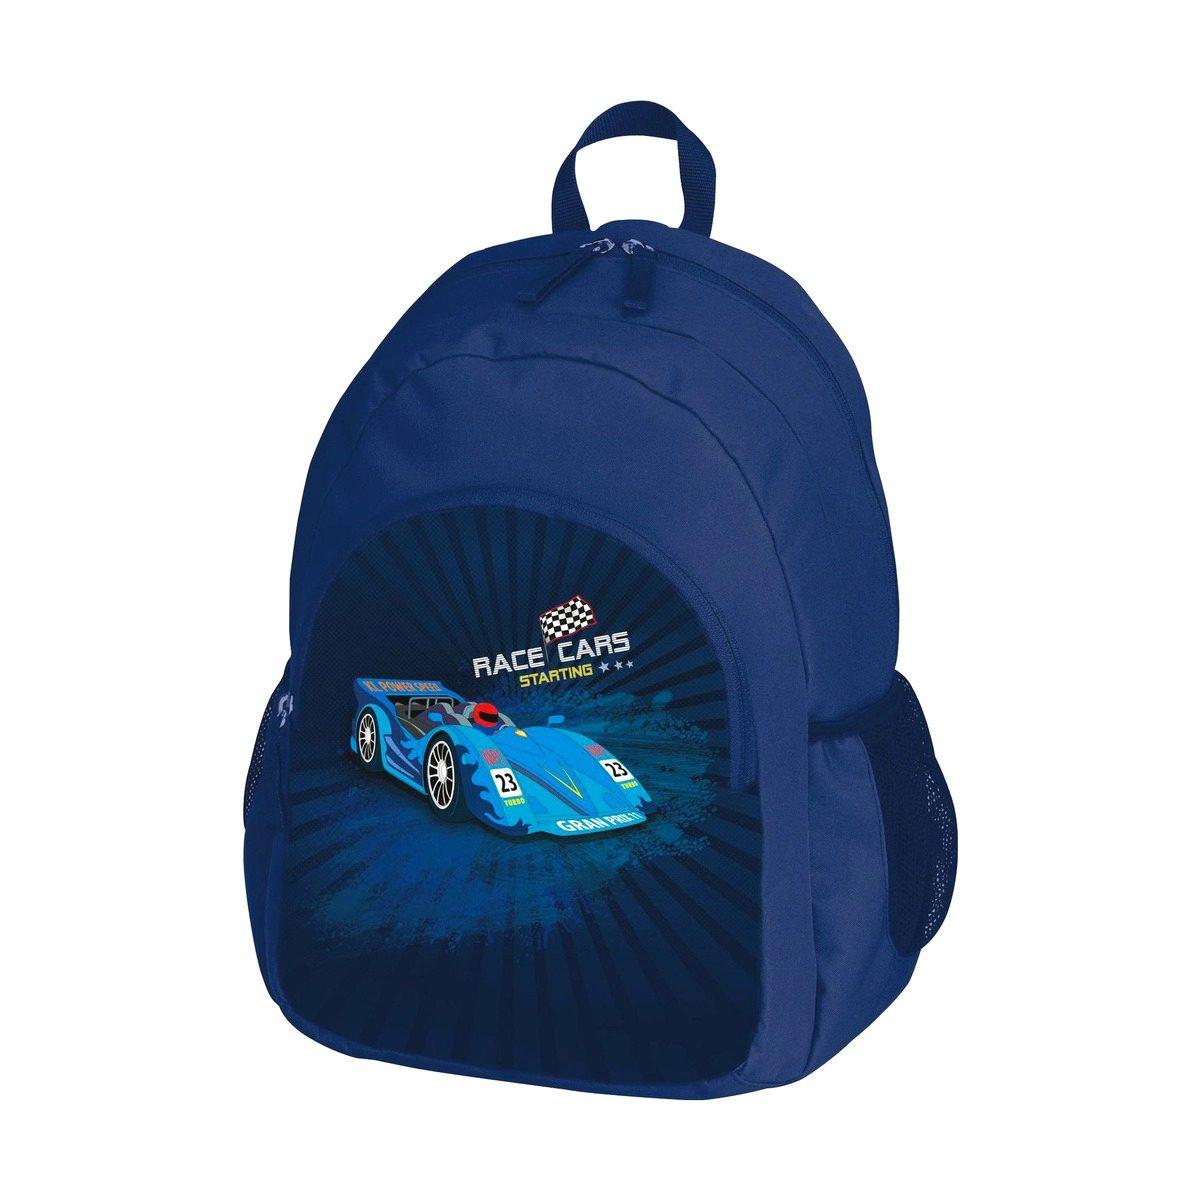 Rucsac Pentru Şcoala Primară, Race Car, Herlitz, 11352499